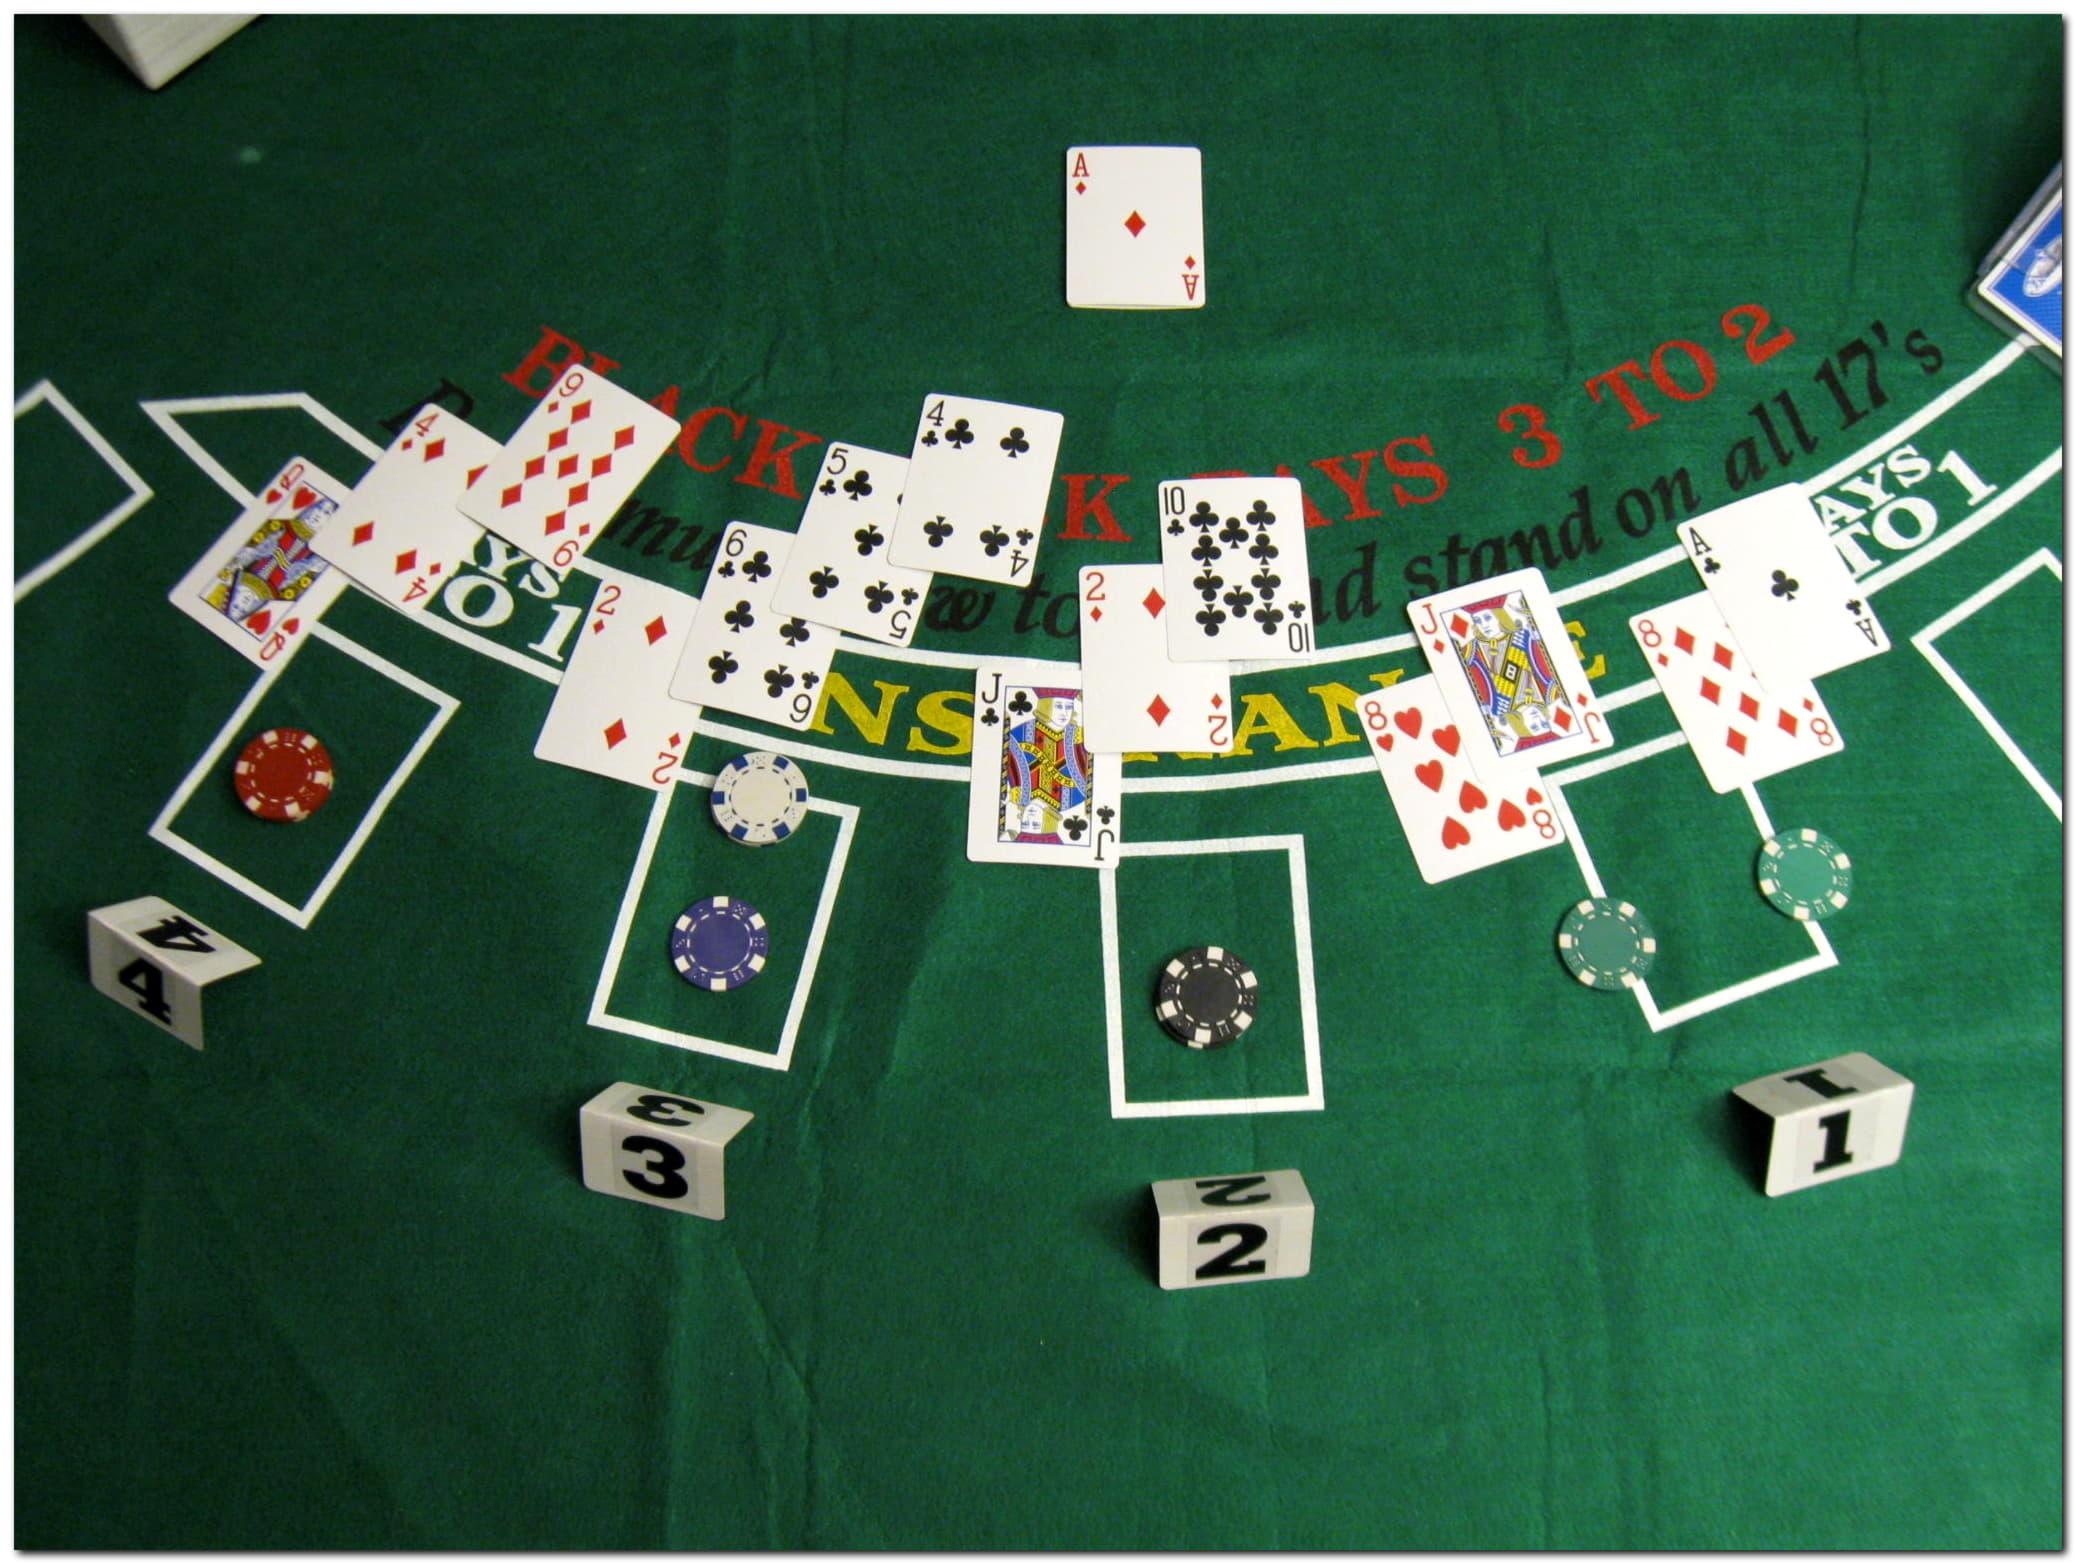 190 Free casino spins at Kaboo Casino